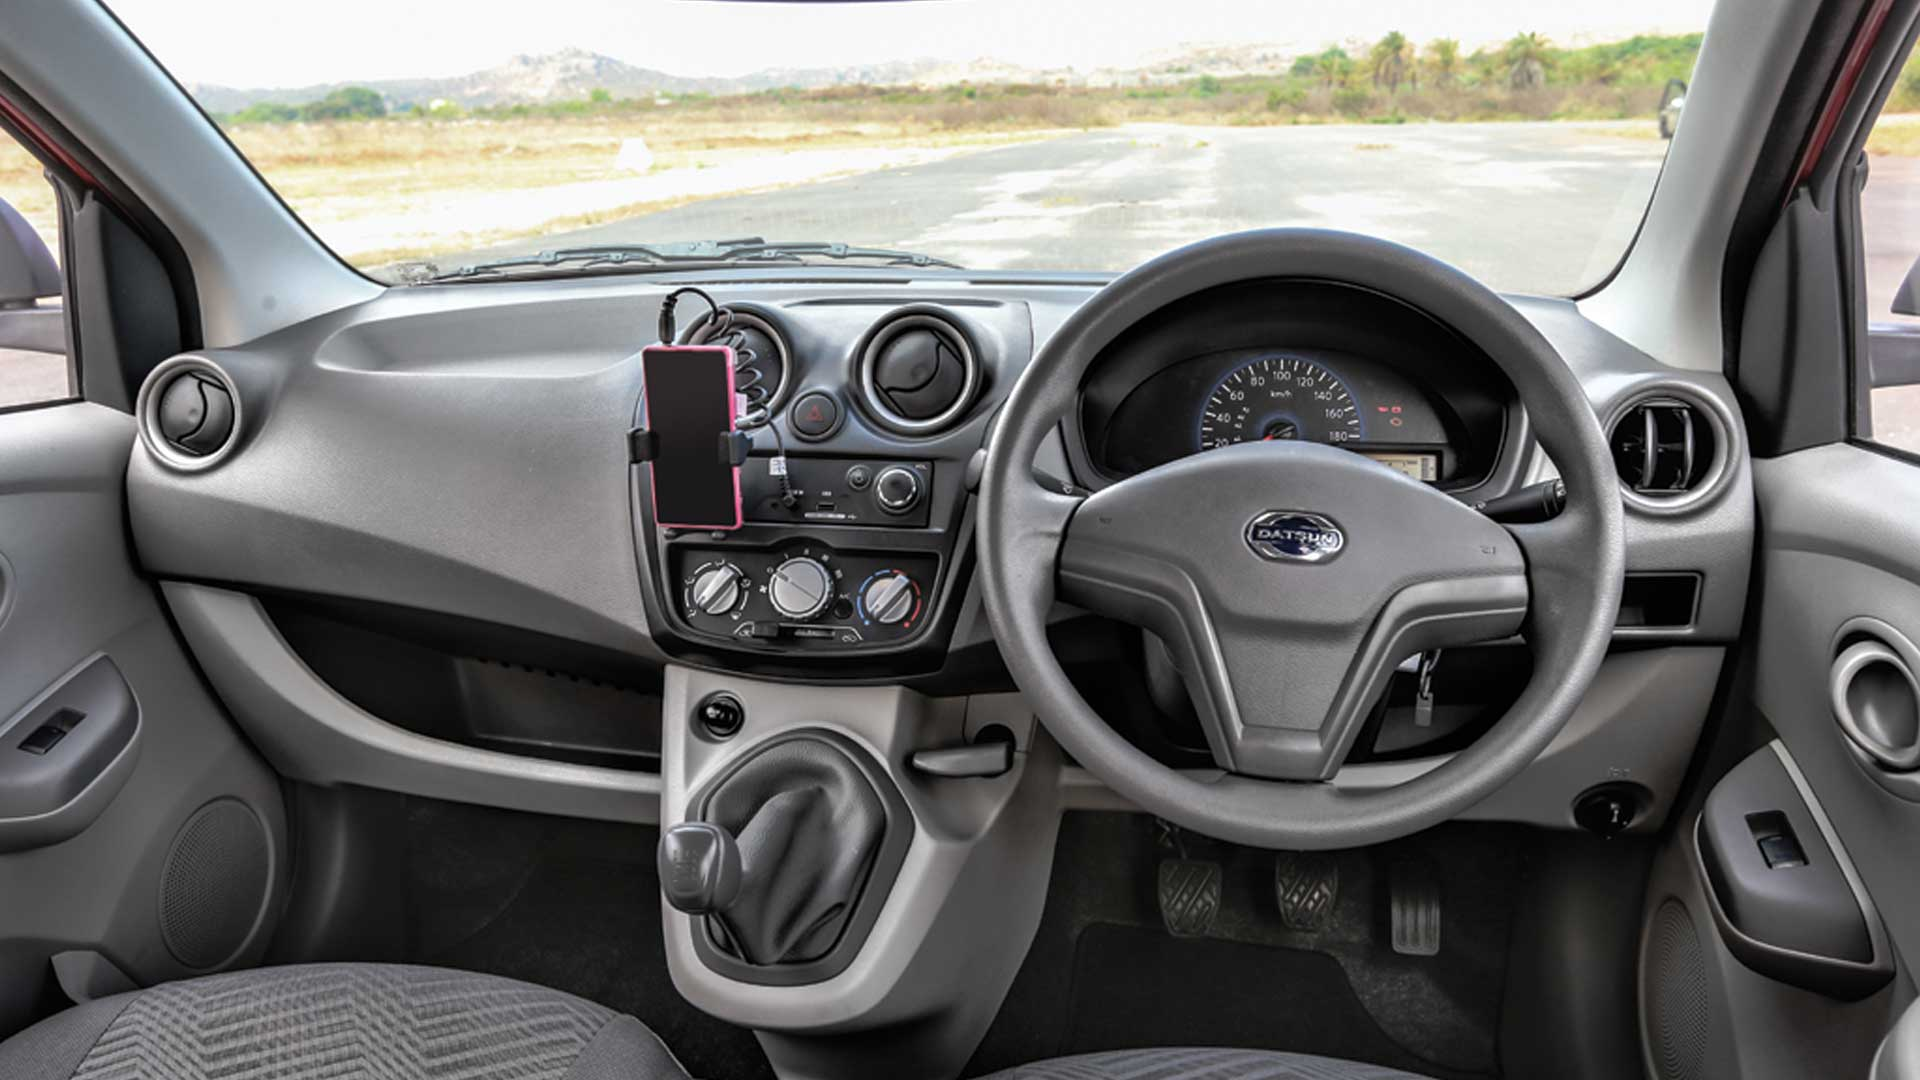 Datsun-go-2014 Interior